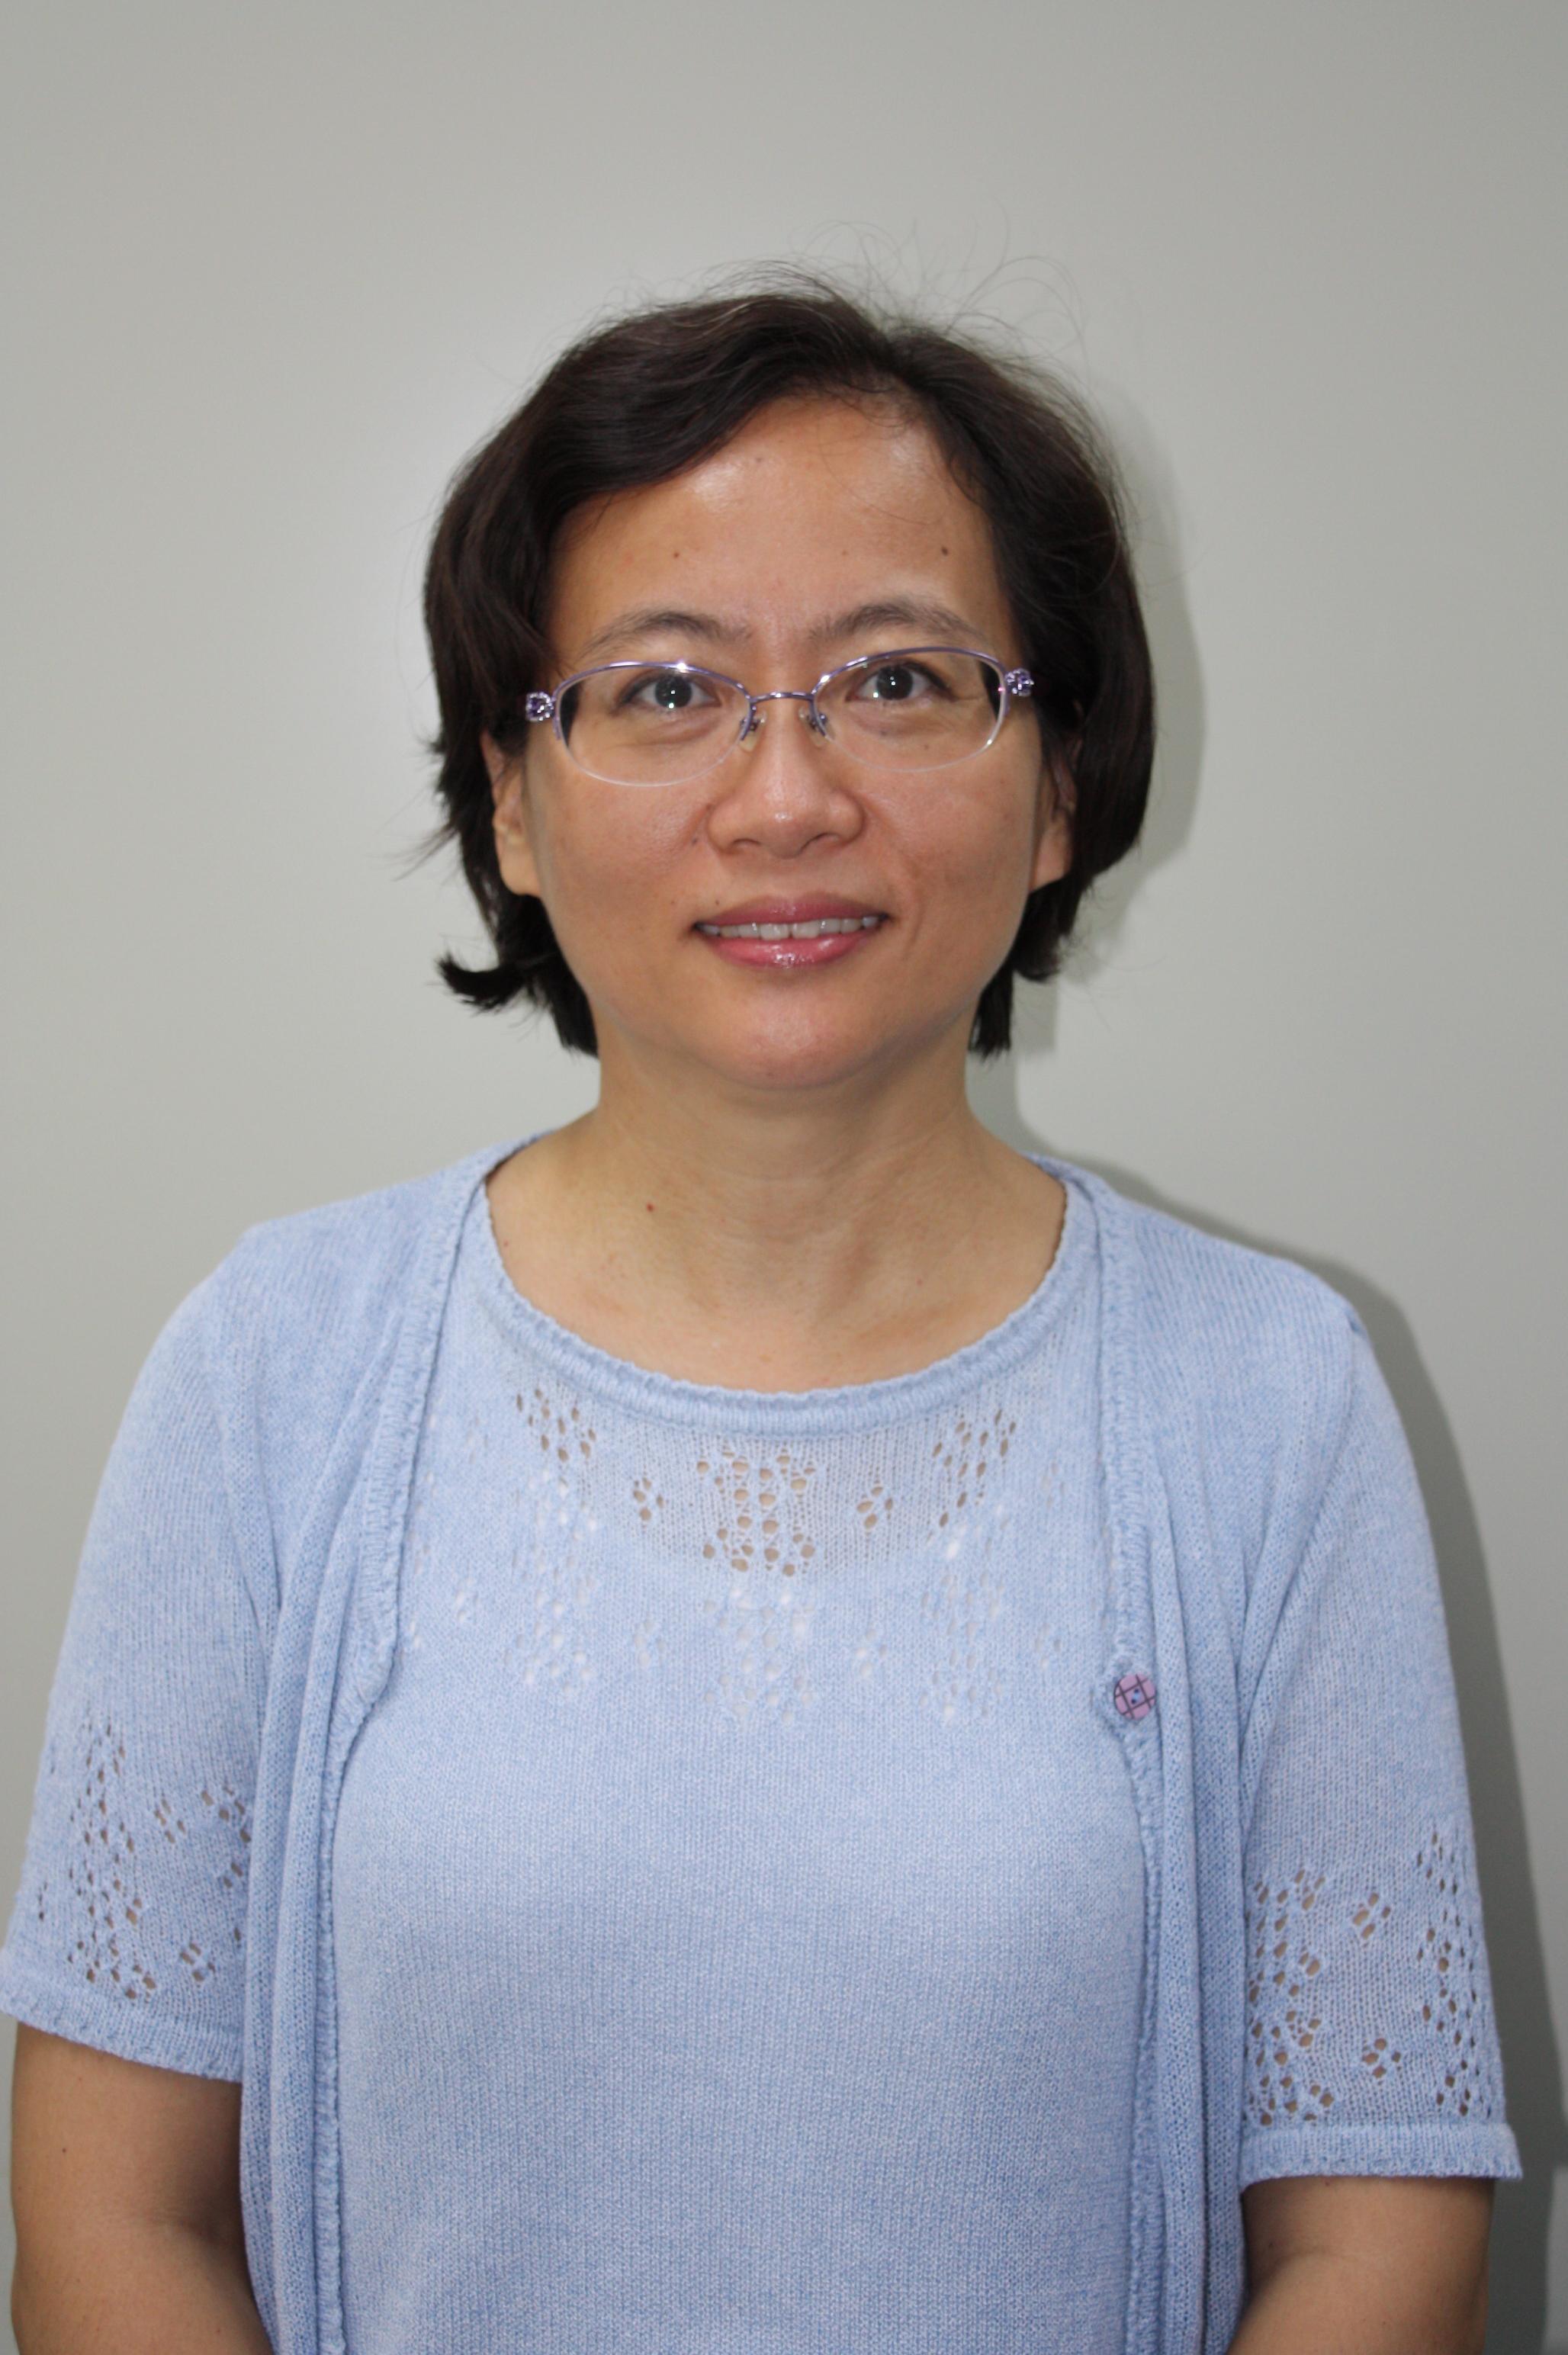 Ai-Chen Pao